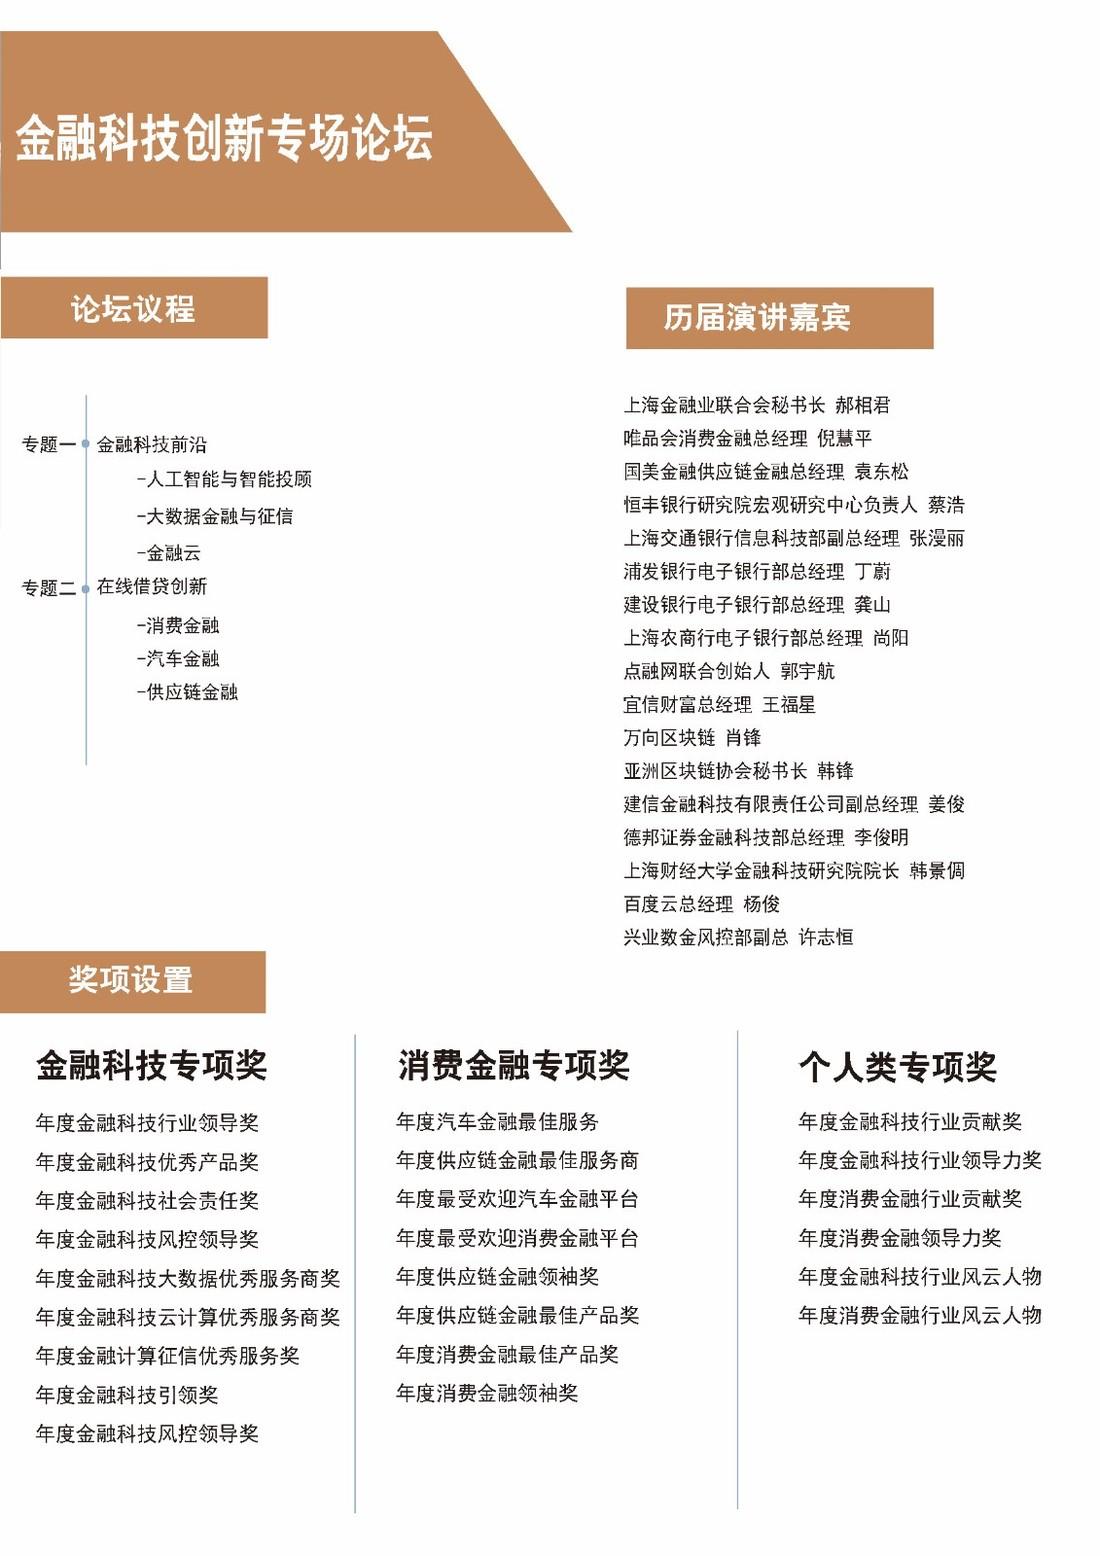 第五届亚洲未来数字最新金狮贵宾会登录-欢迎来到「金狮贵宾会手机APP官网客户端」创新大会